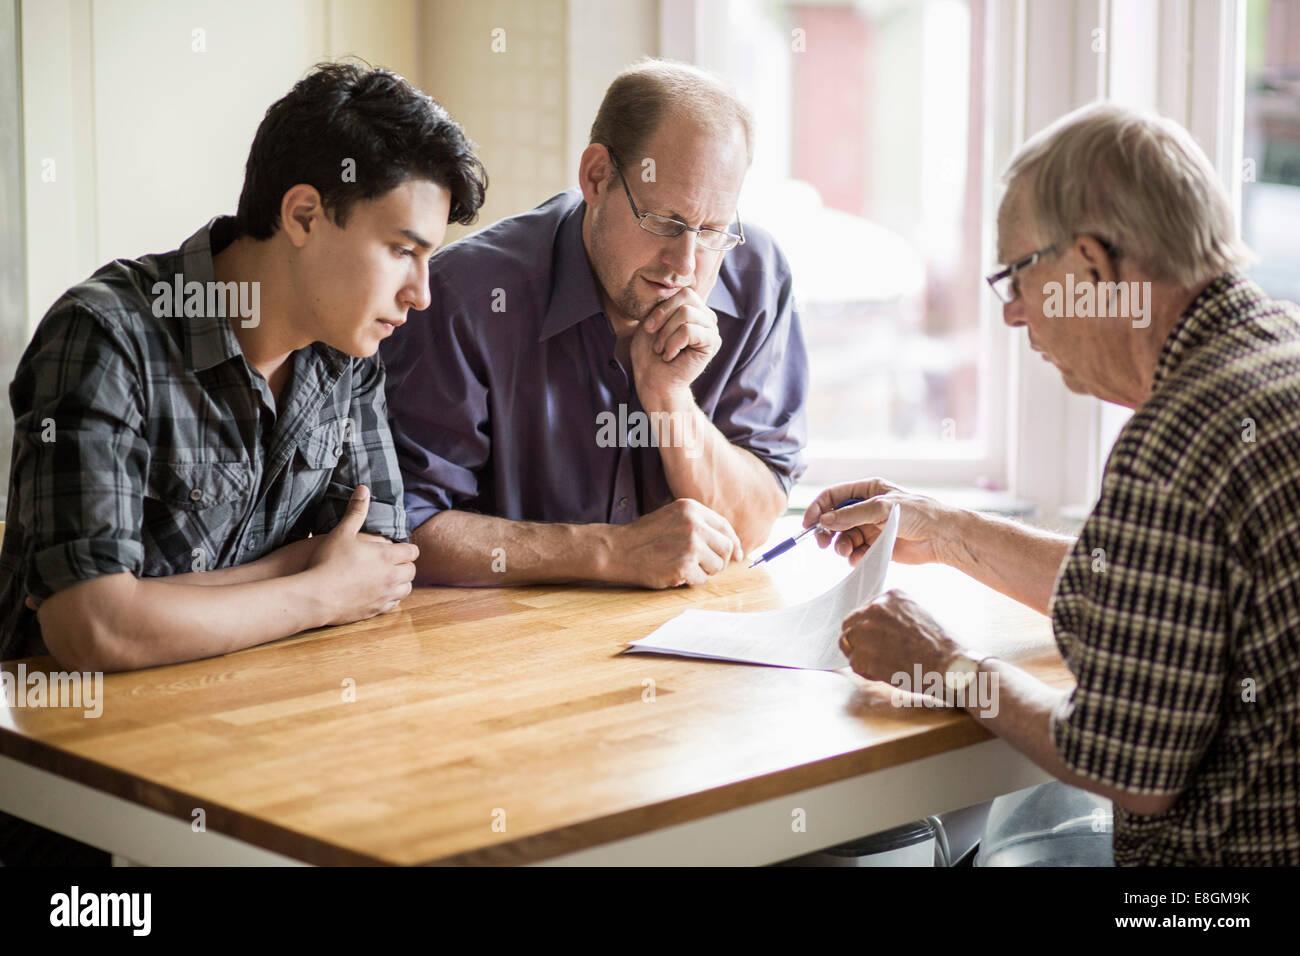 Familie diskutieren über Dokumente am Tisch Stockbild